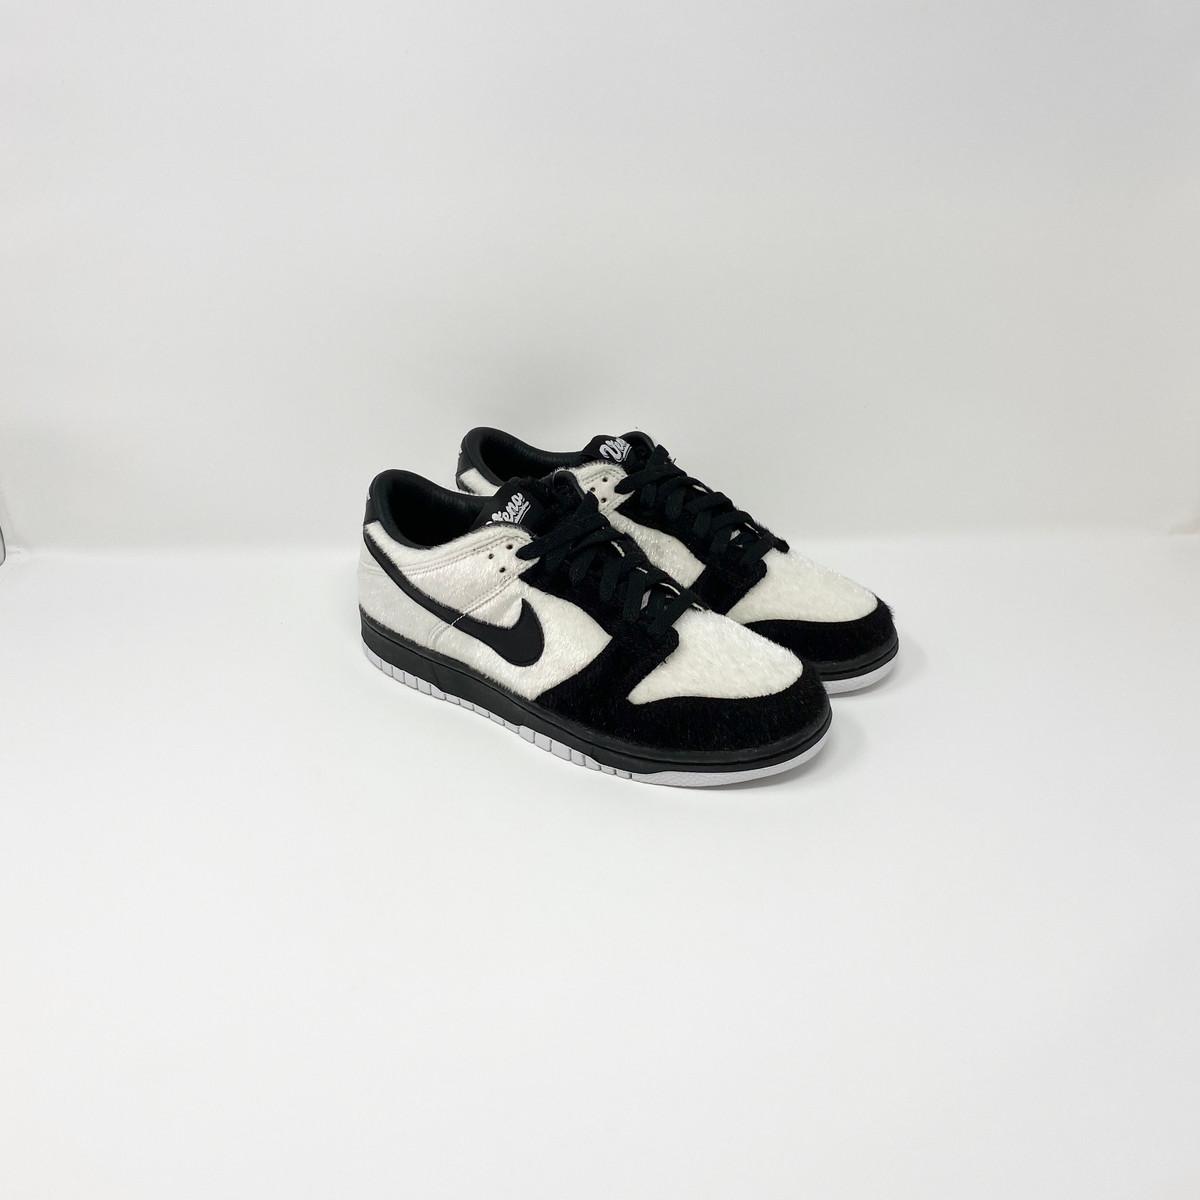 Nike Dunk Low PRM Ueno Panda (GS)